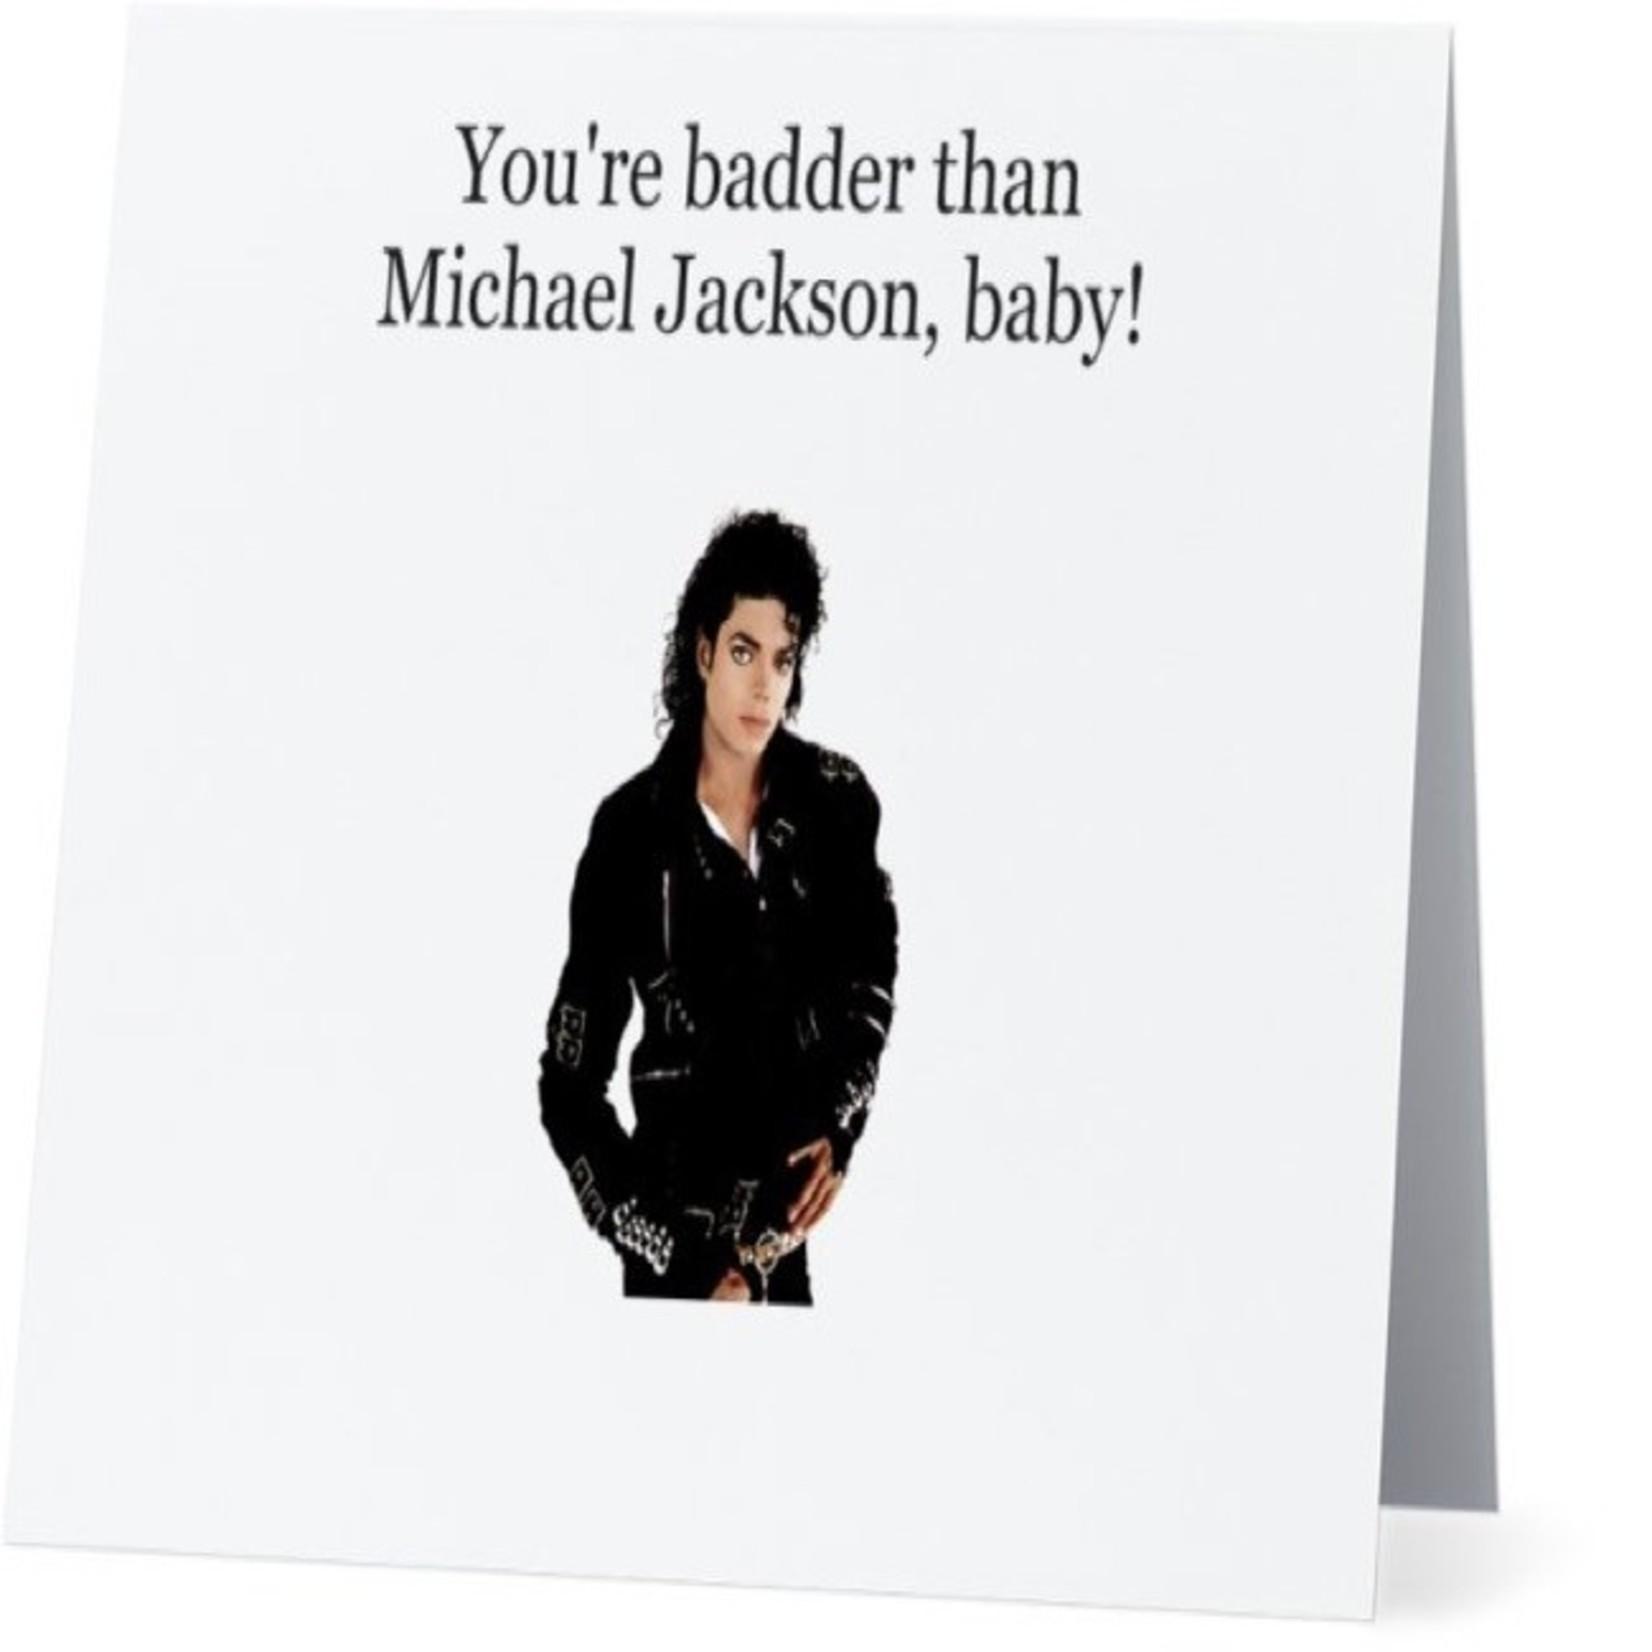 Bad Annie's Card #043 - Badder Than Michael Jackson